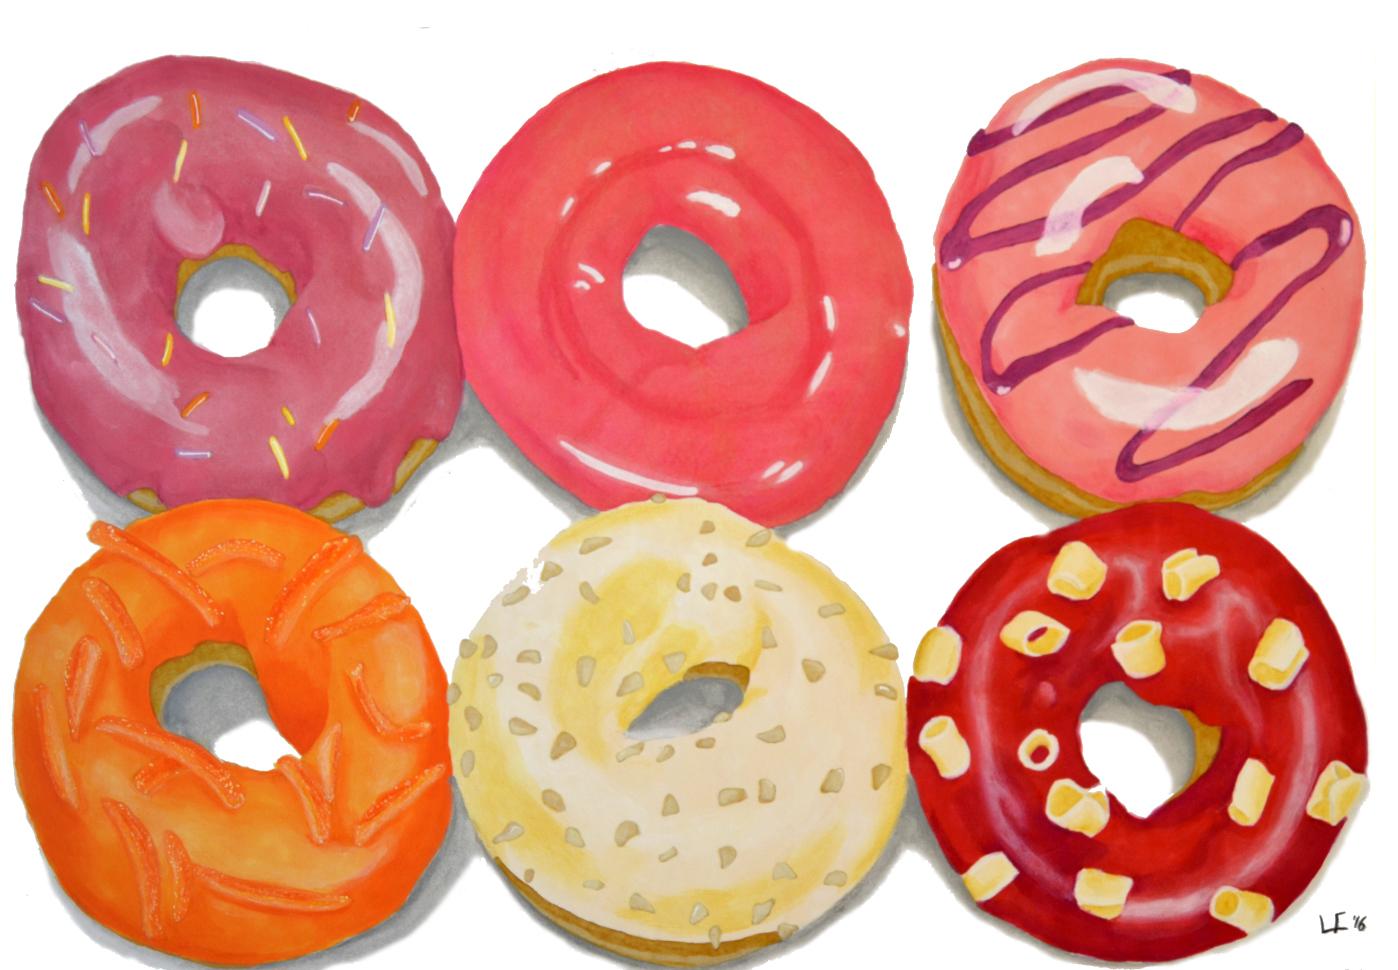 Donuts Cálidos ilustración de Louis Firioss